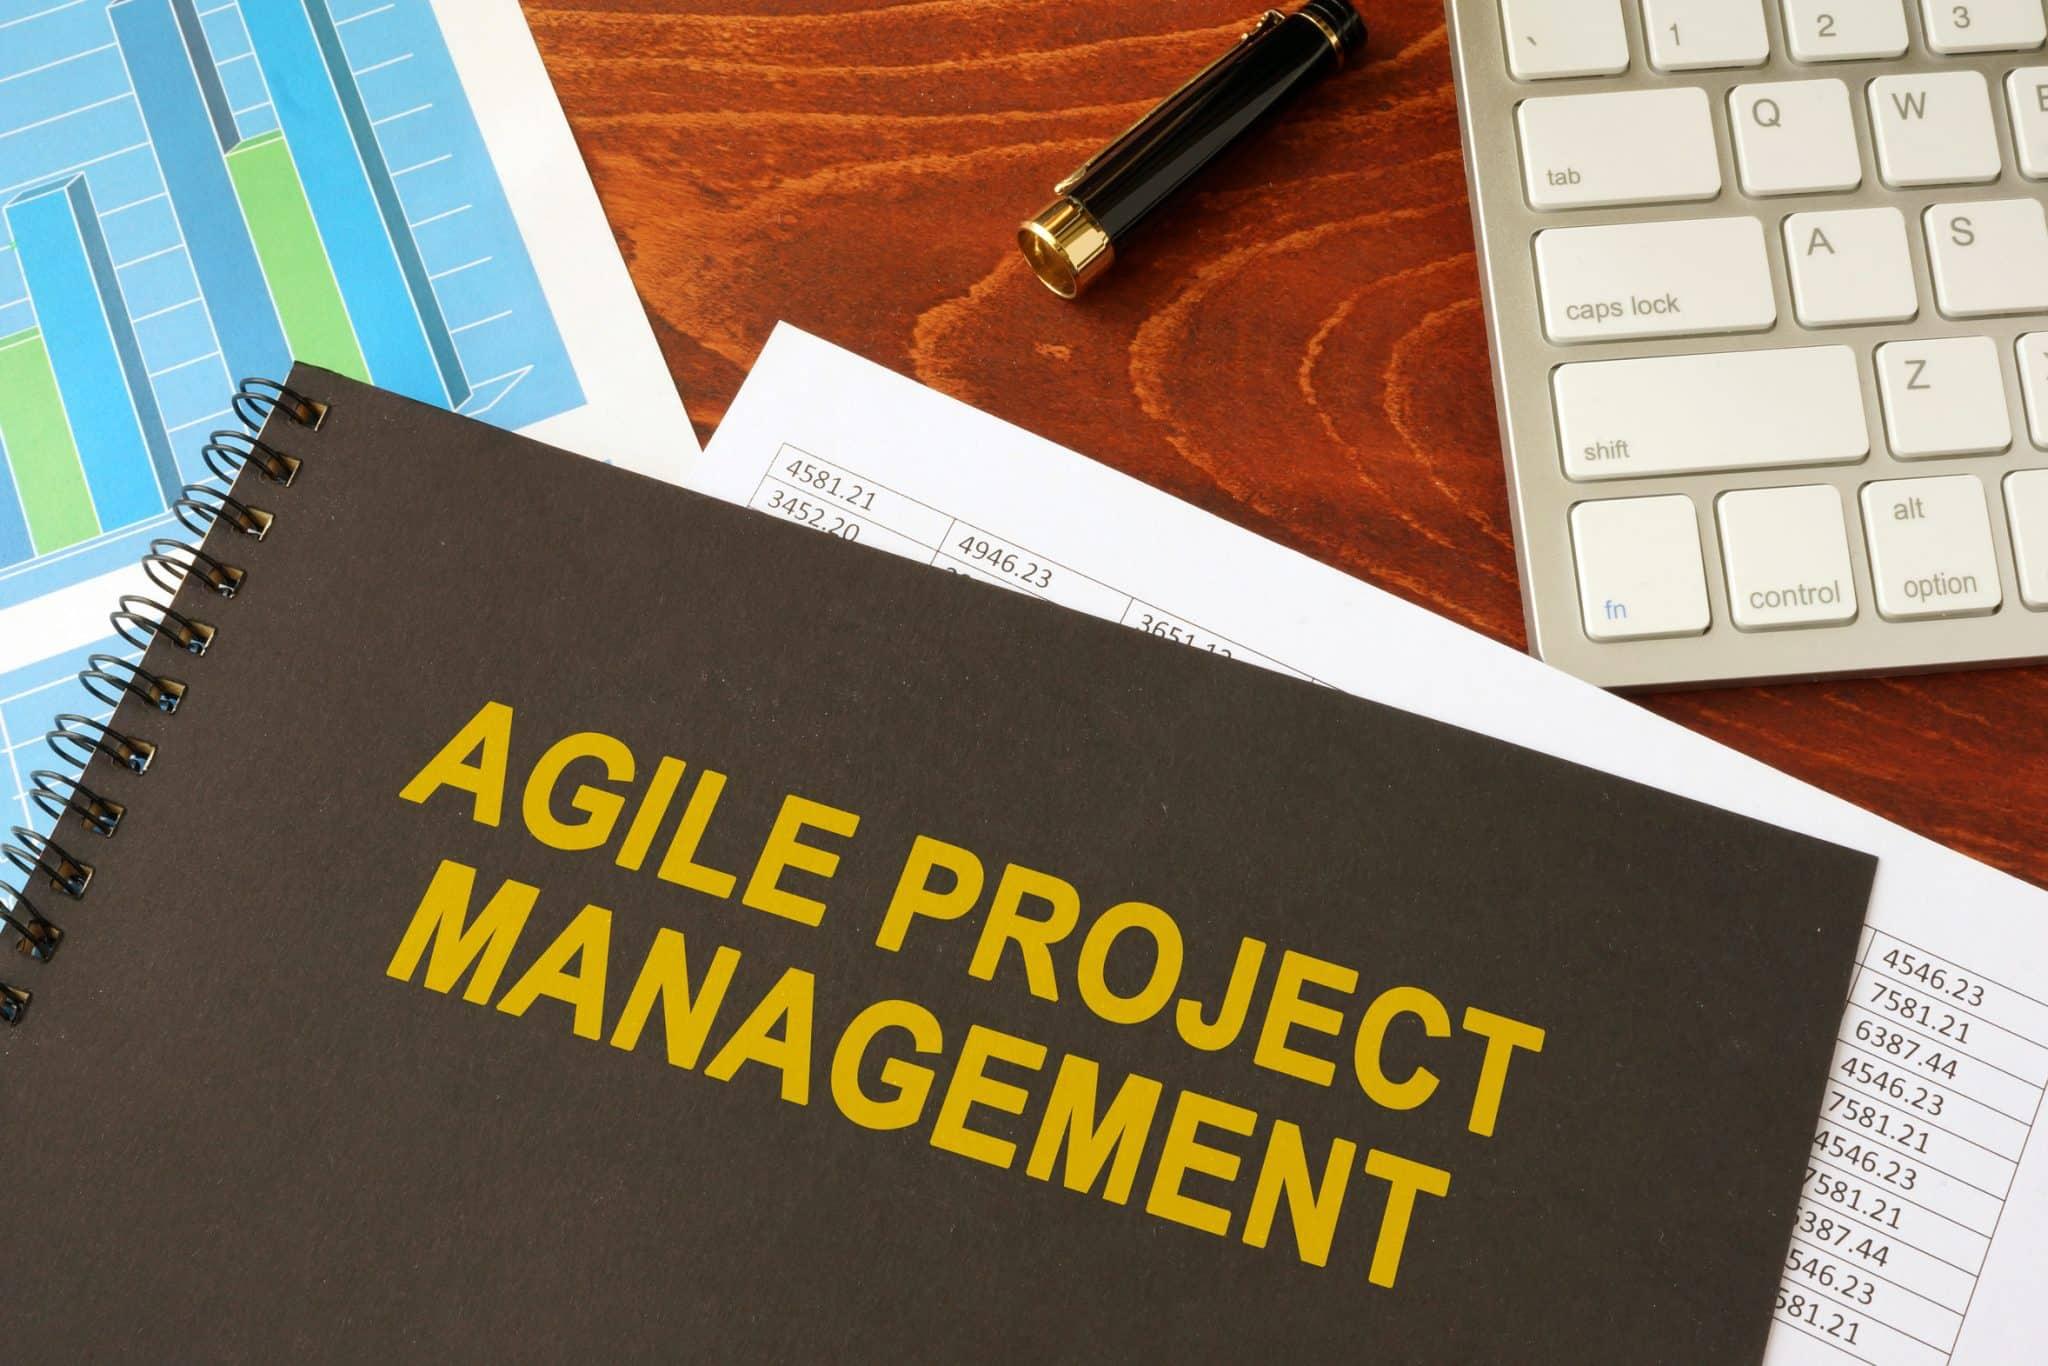 Agiles Projektmanagement – Auf was kommt es an